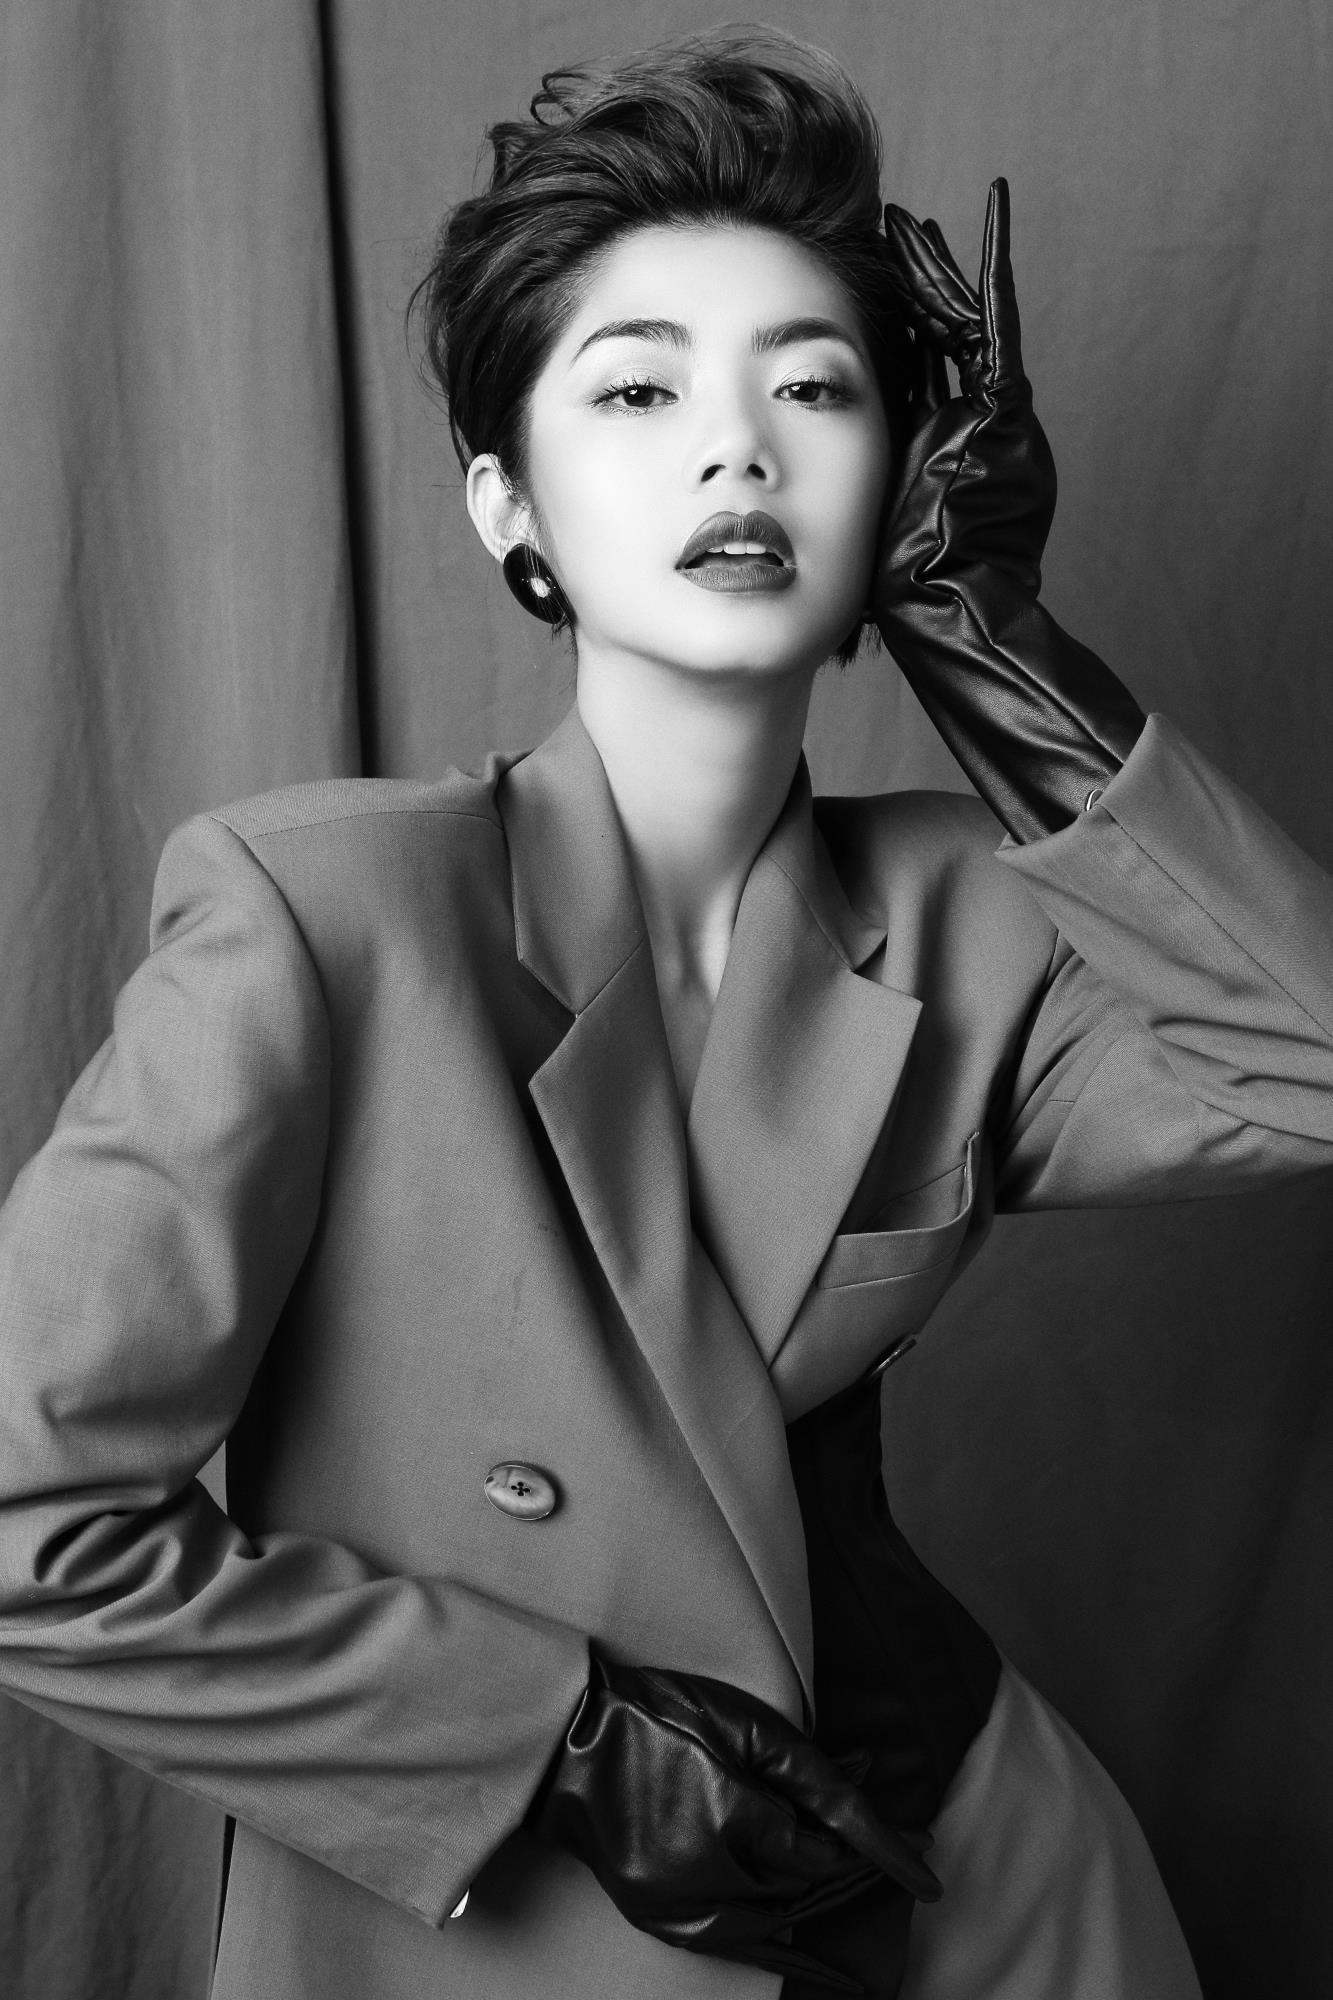 'Bạn gái cũ' của Karik – Đàm Phương Linh khoe vòng 1 'lấp ló' gợi cảm trong những thiết kế high fashion - Ảnh 5